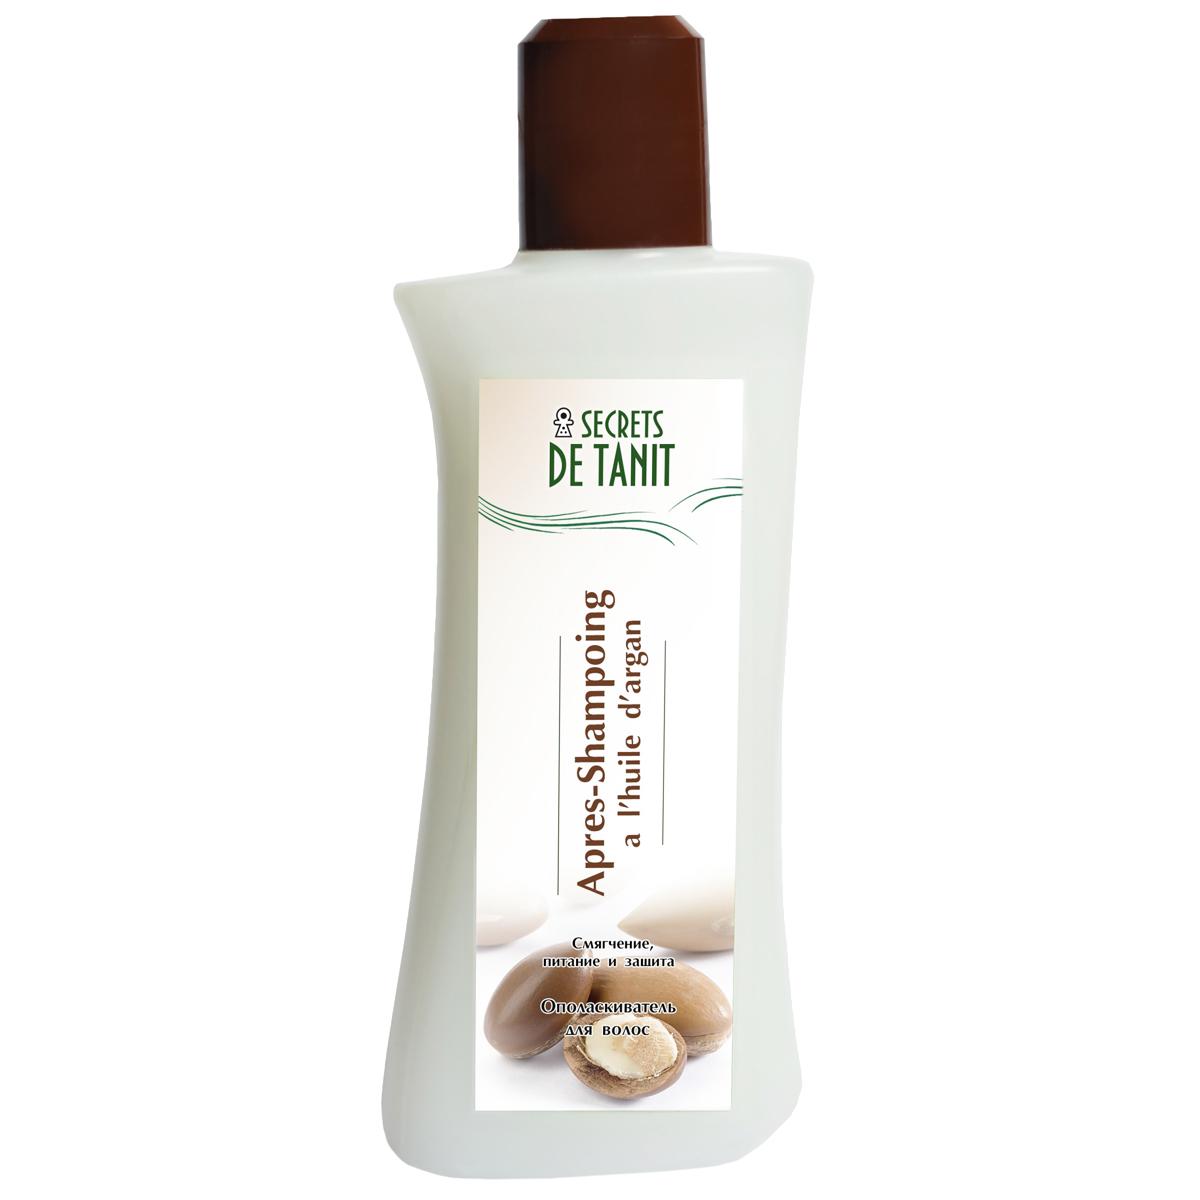 Secrets de Tanit Ополаскиватель для волос с маслом арганы, 200 мл secrets de tanit шампунь с тфалью и маслом оливы 400 мл